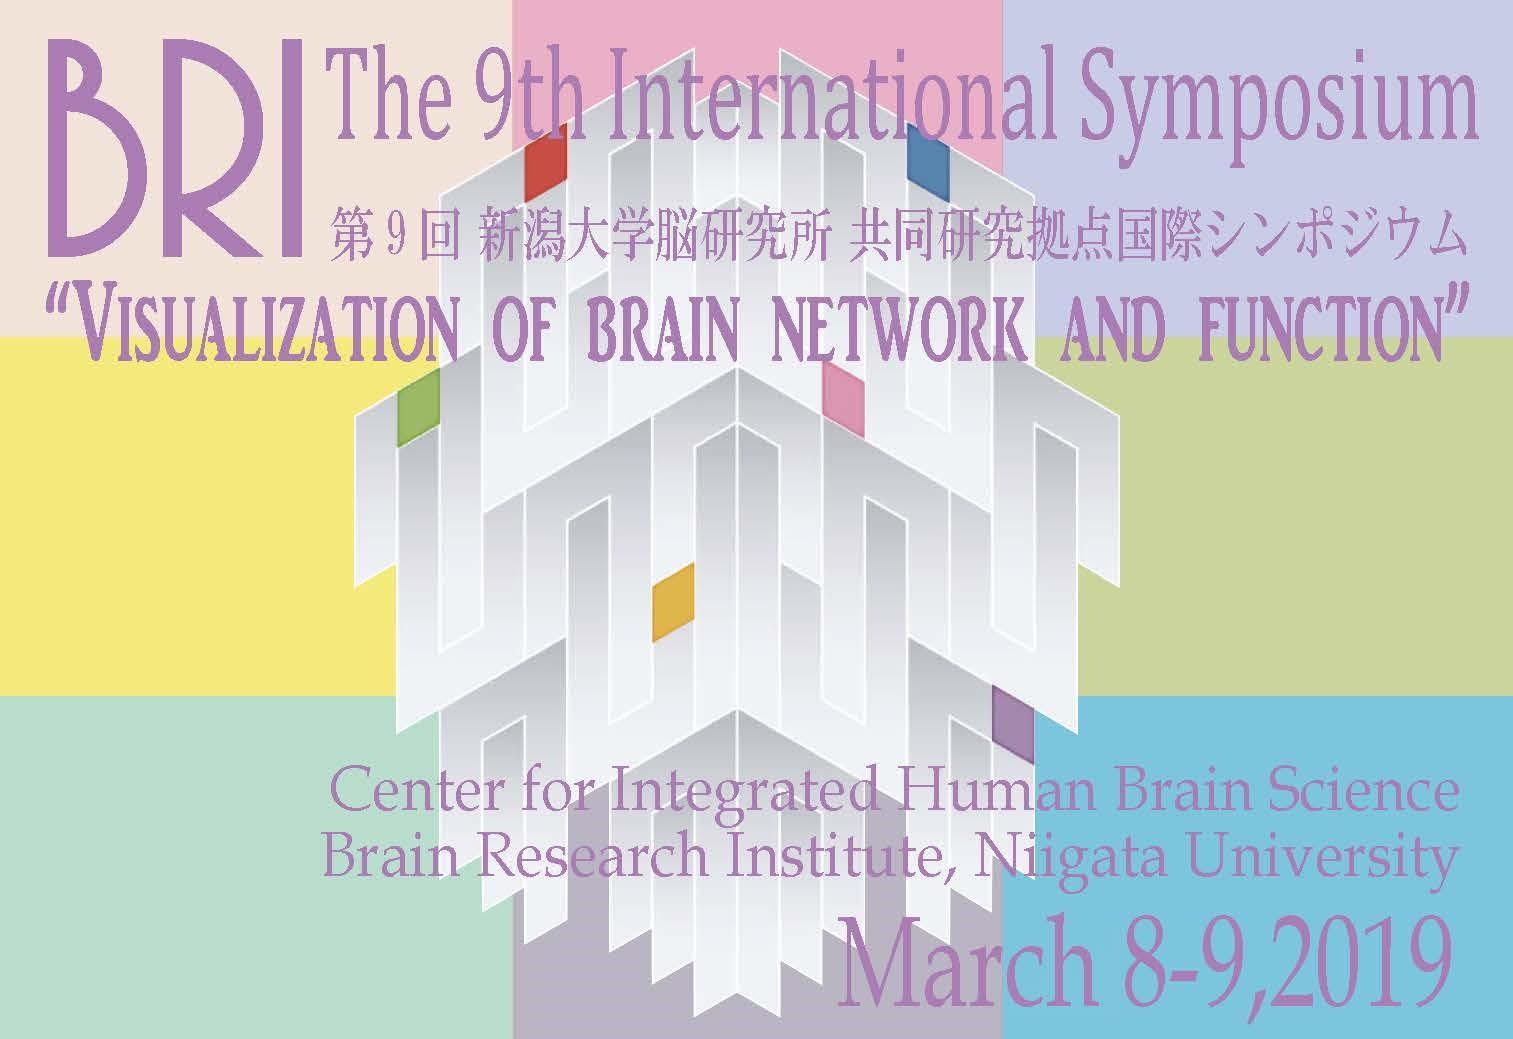 The 9th BRI International Symposium. March 8th - 9th, 2019